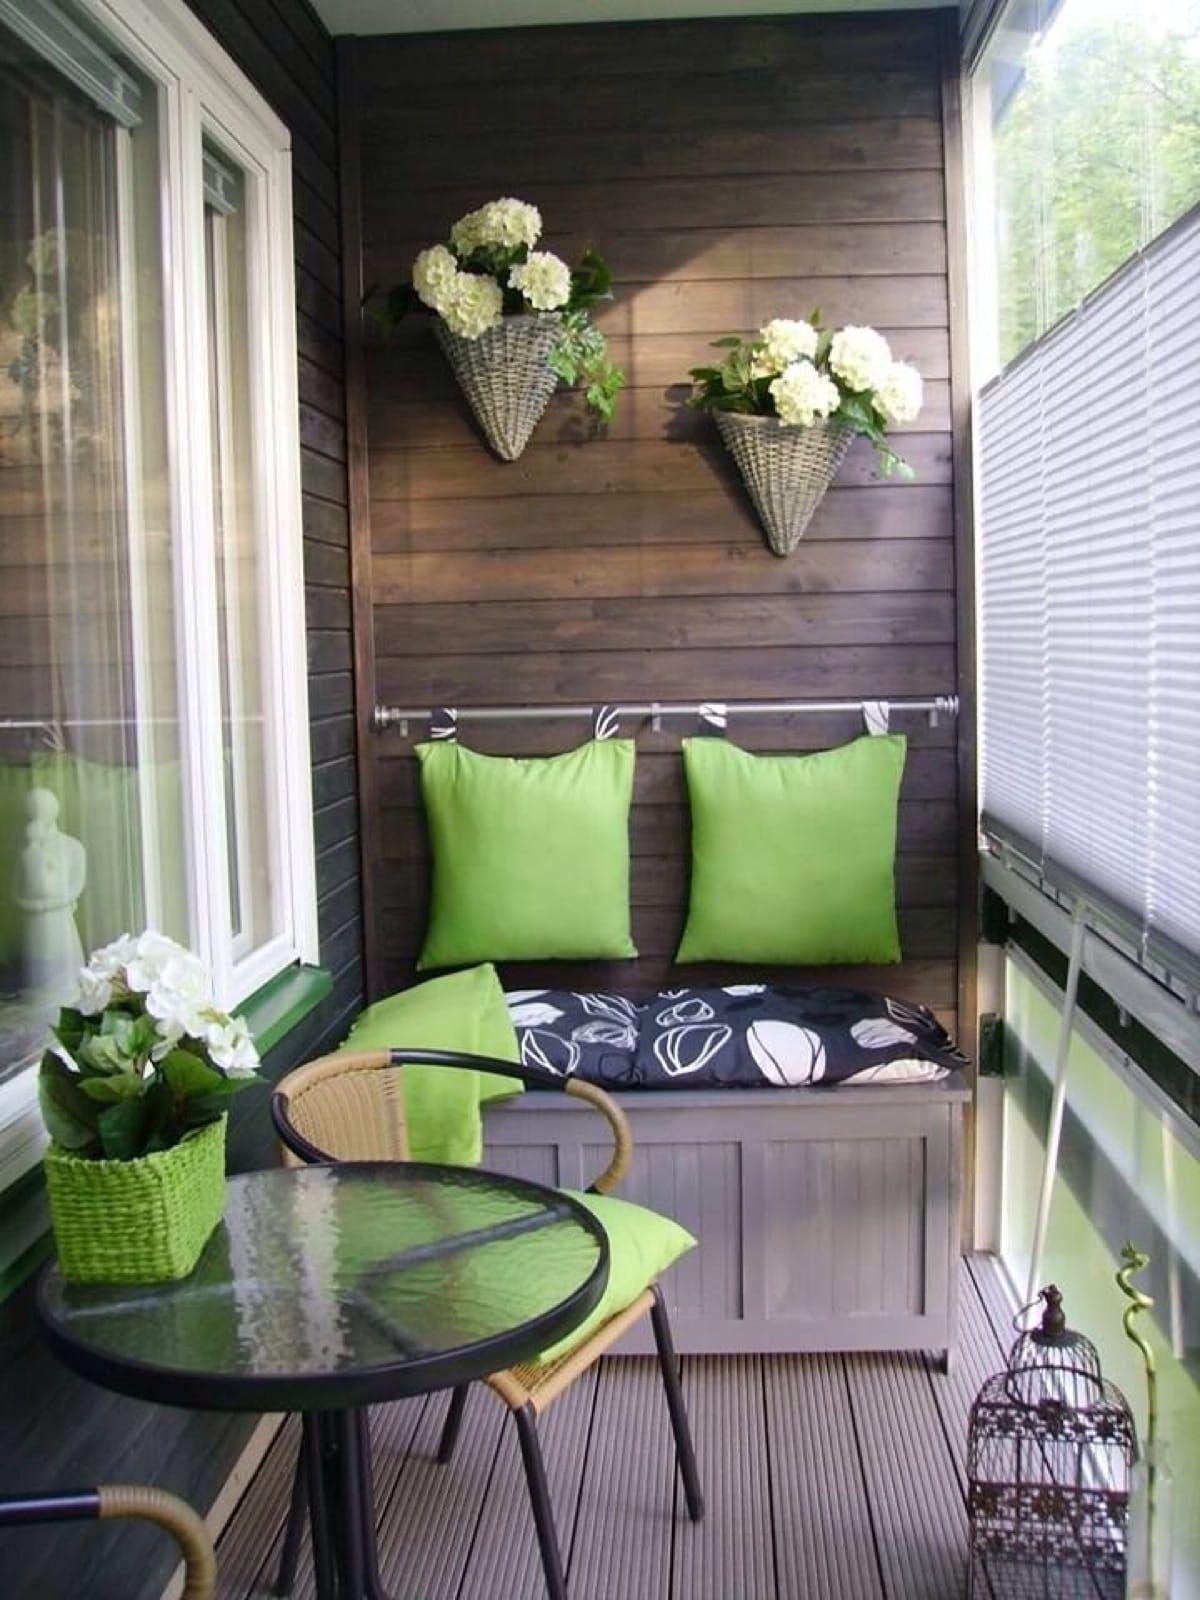 20 soluzioni originali per arredare un balcone piccolo | Balkon